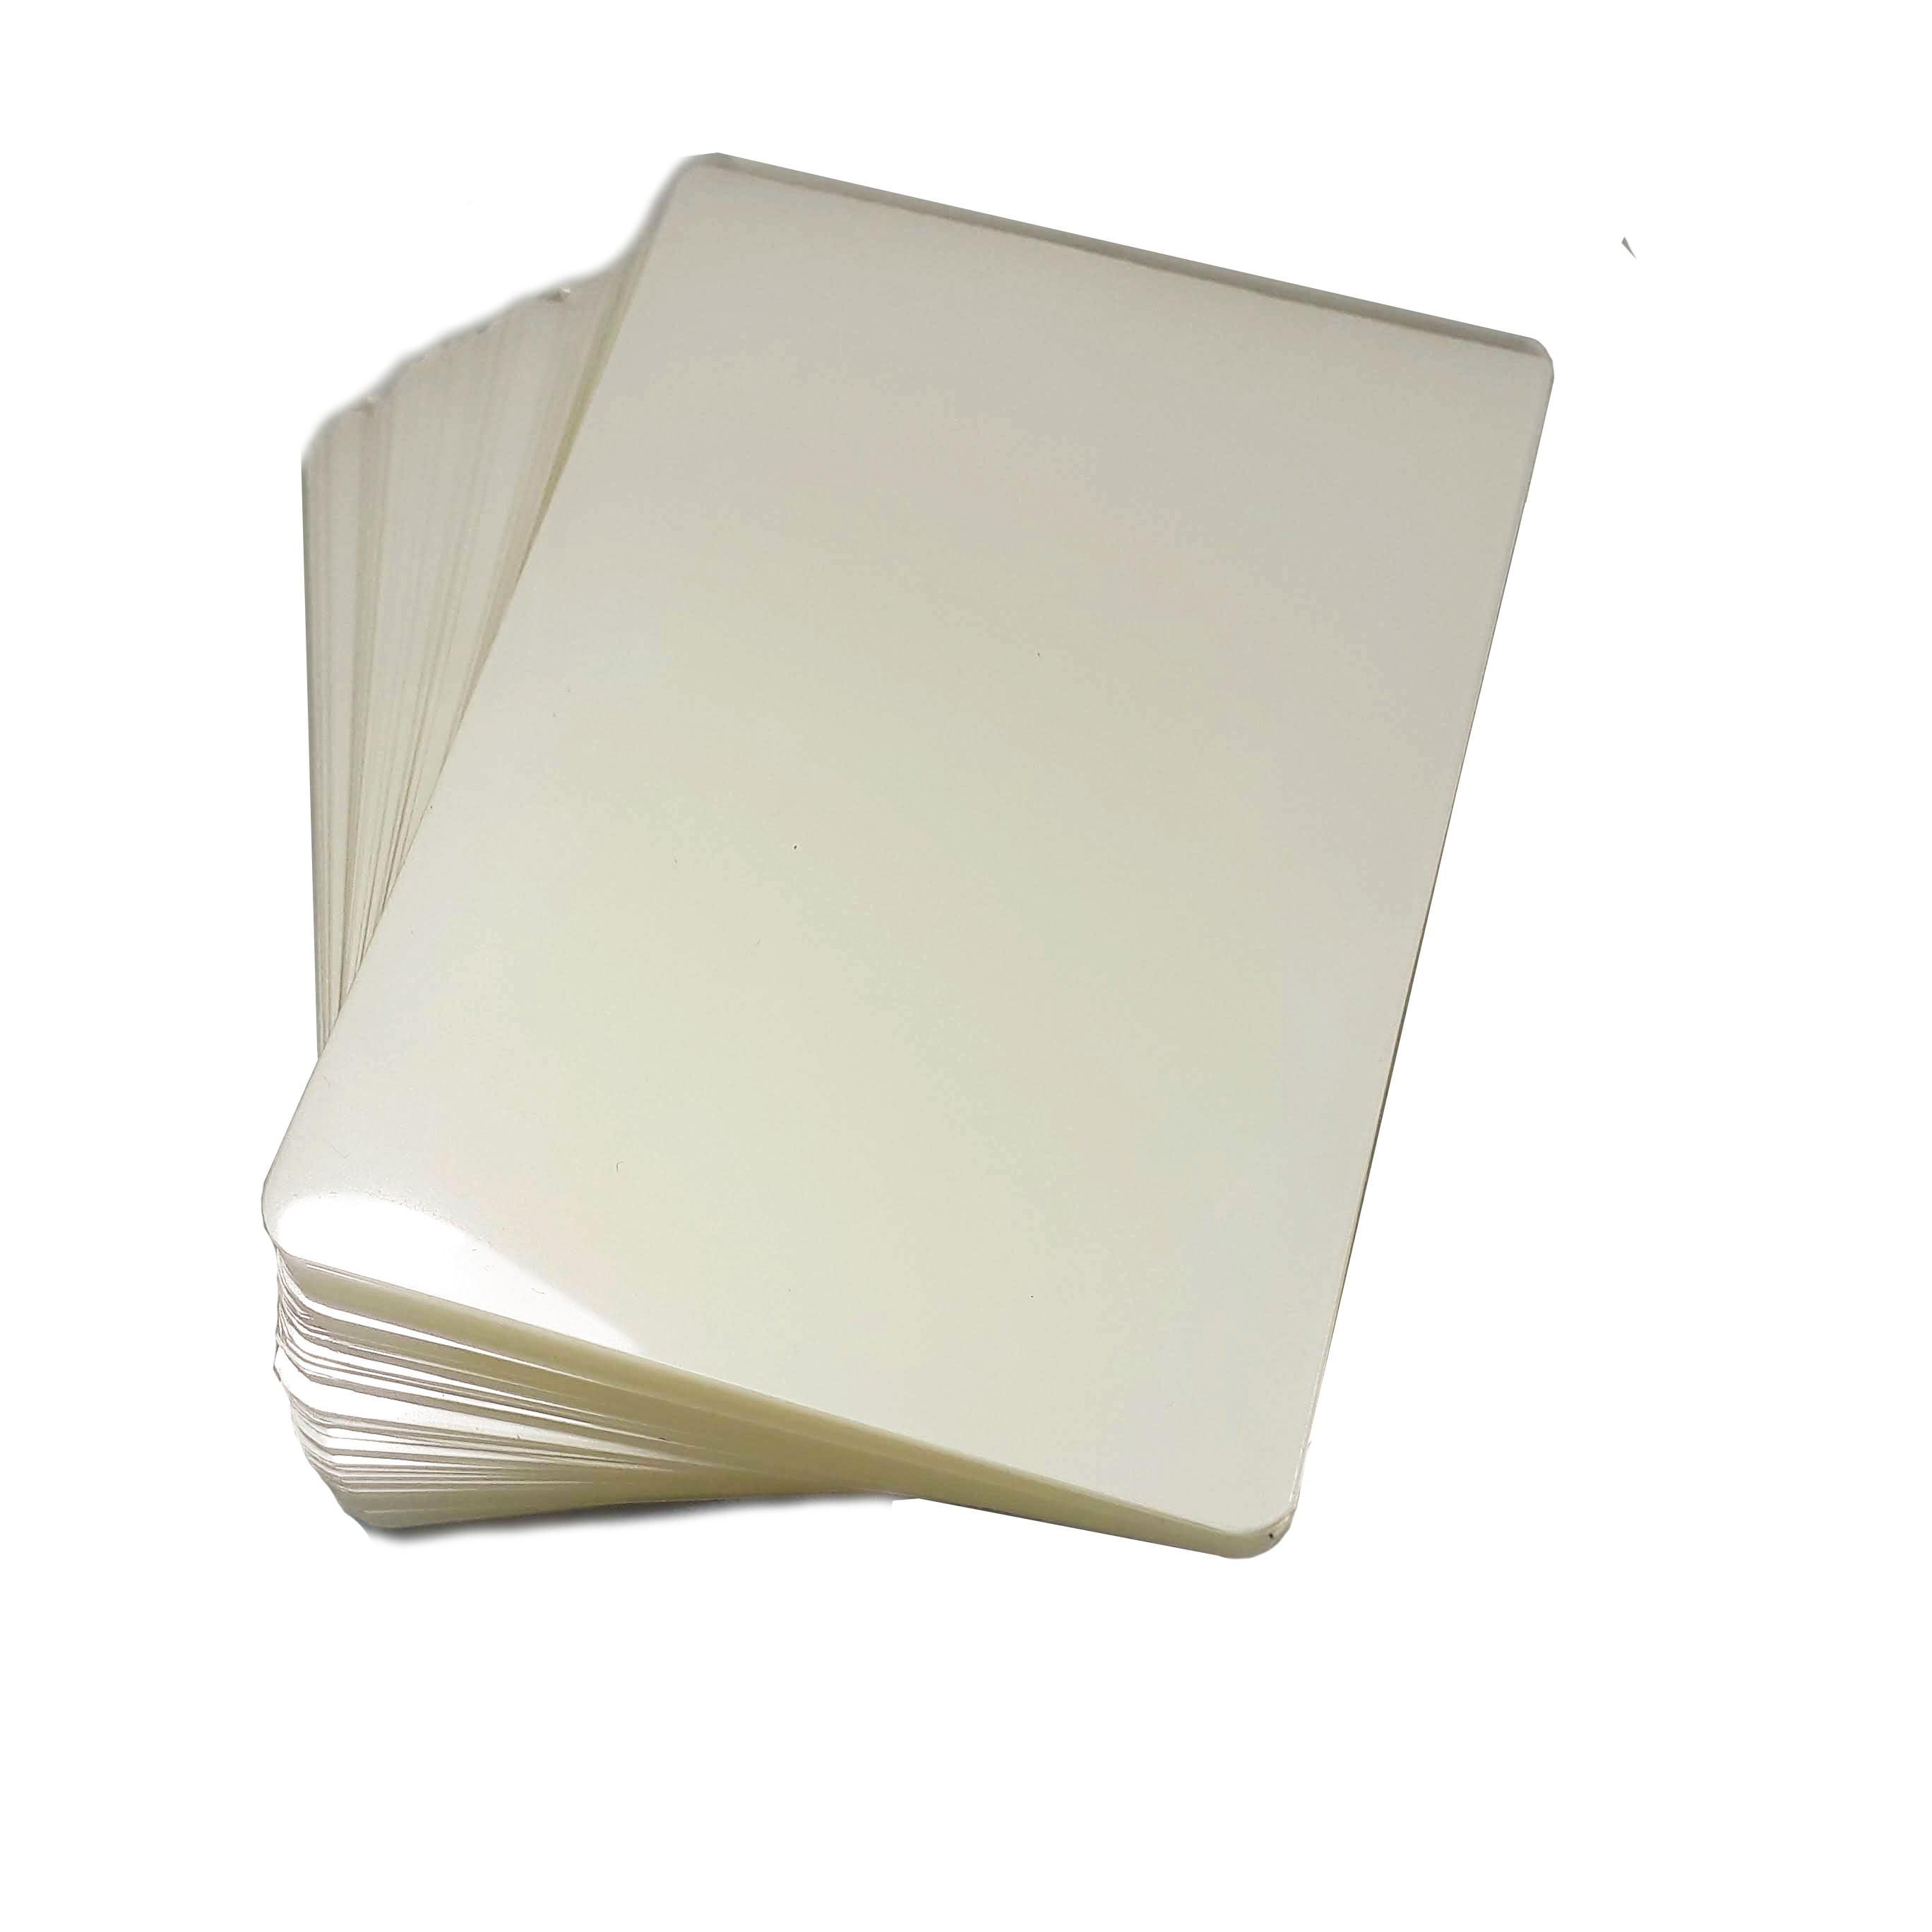 PLASTICO PARA PLASTIFICAÇÃO DOCUMENTO POLASEAL PARA PLASTIFICAR RG 80X110 ESPESSURA 007 175 MICRONS C/100